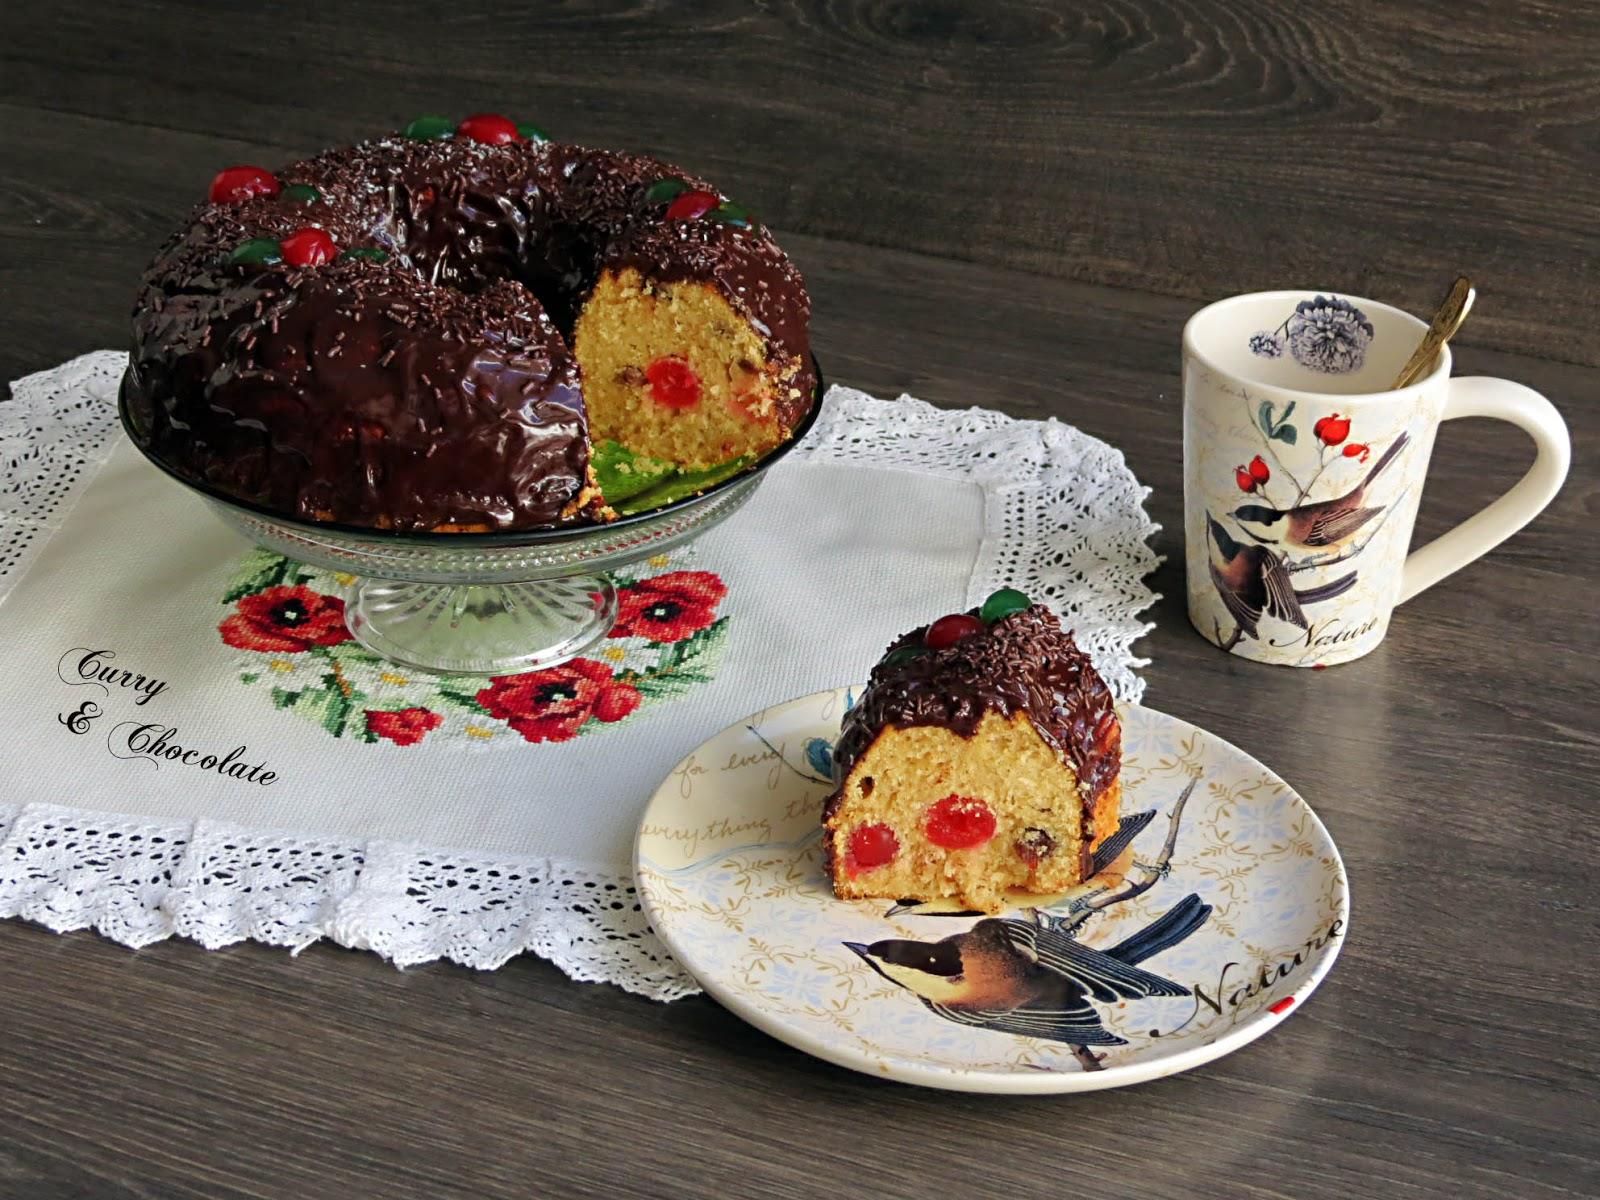 Bizcocho de ron con pasas al kirsch y cobertura de chocolate